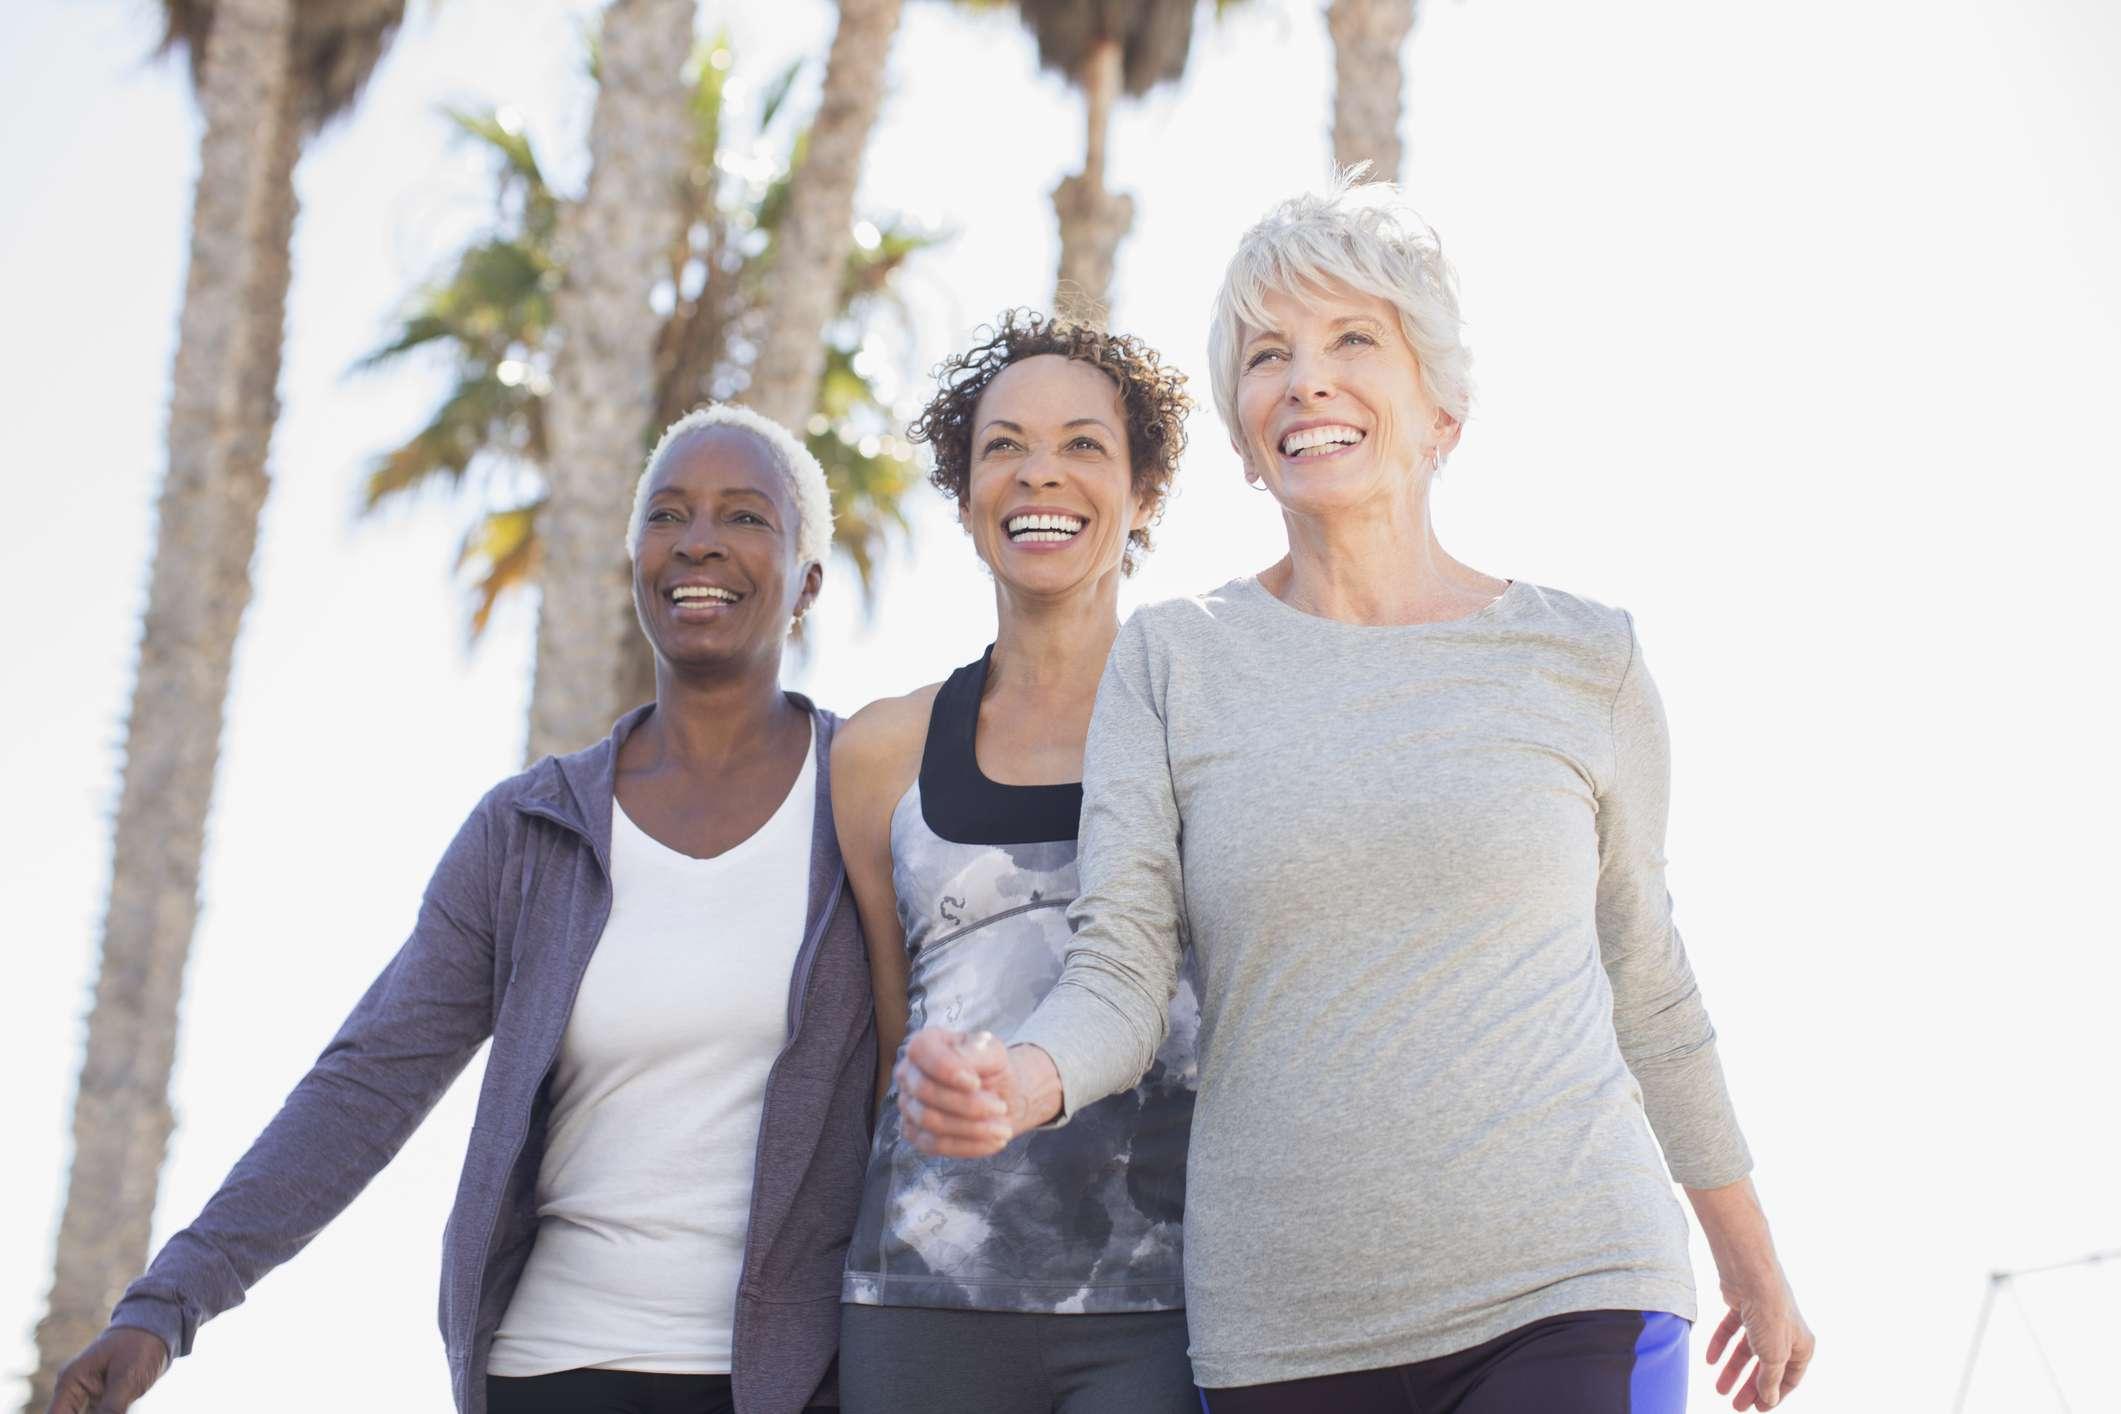 Senior women walking outdoors